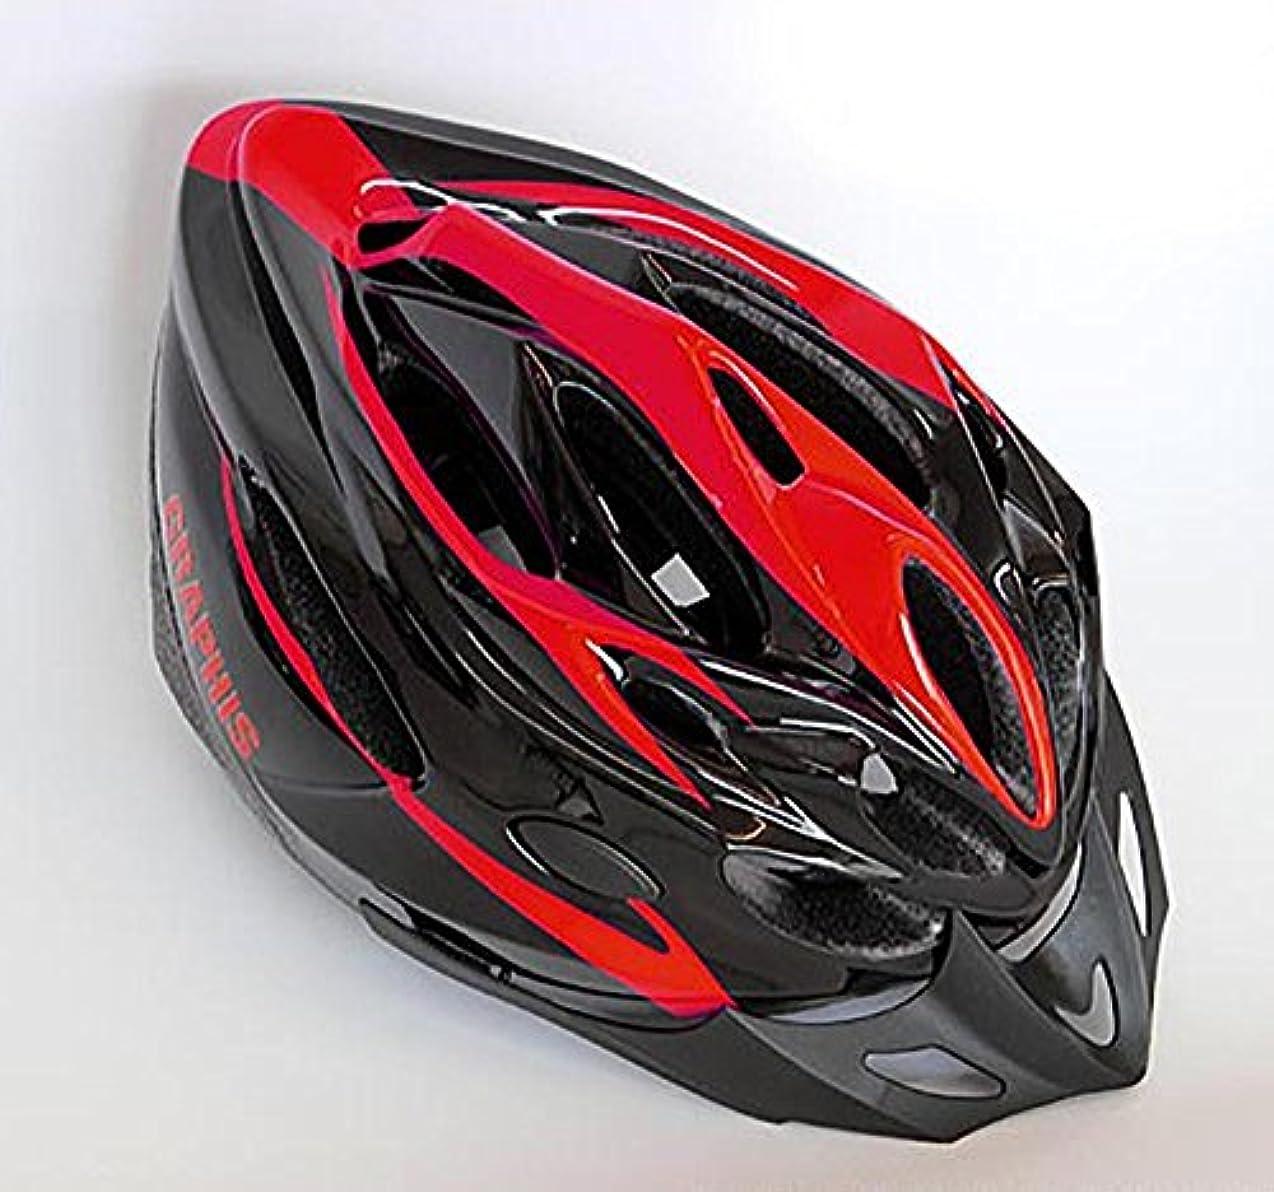 道を作るタイプライタースライムGRAPHIS(グラフィス) オリジナル 自転車ヘルメット GR-I-MV28